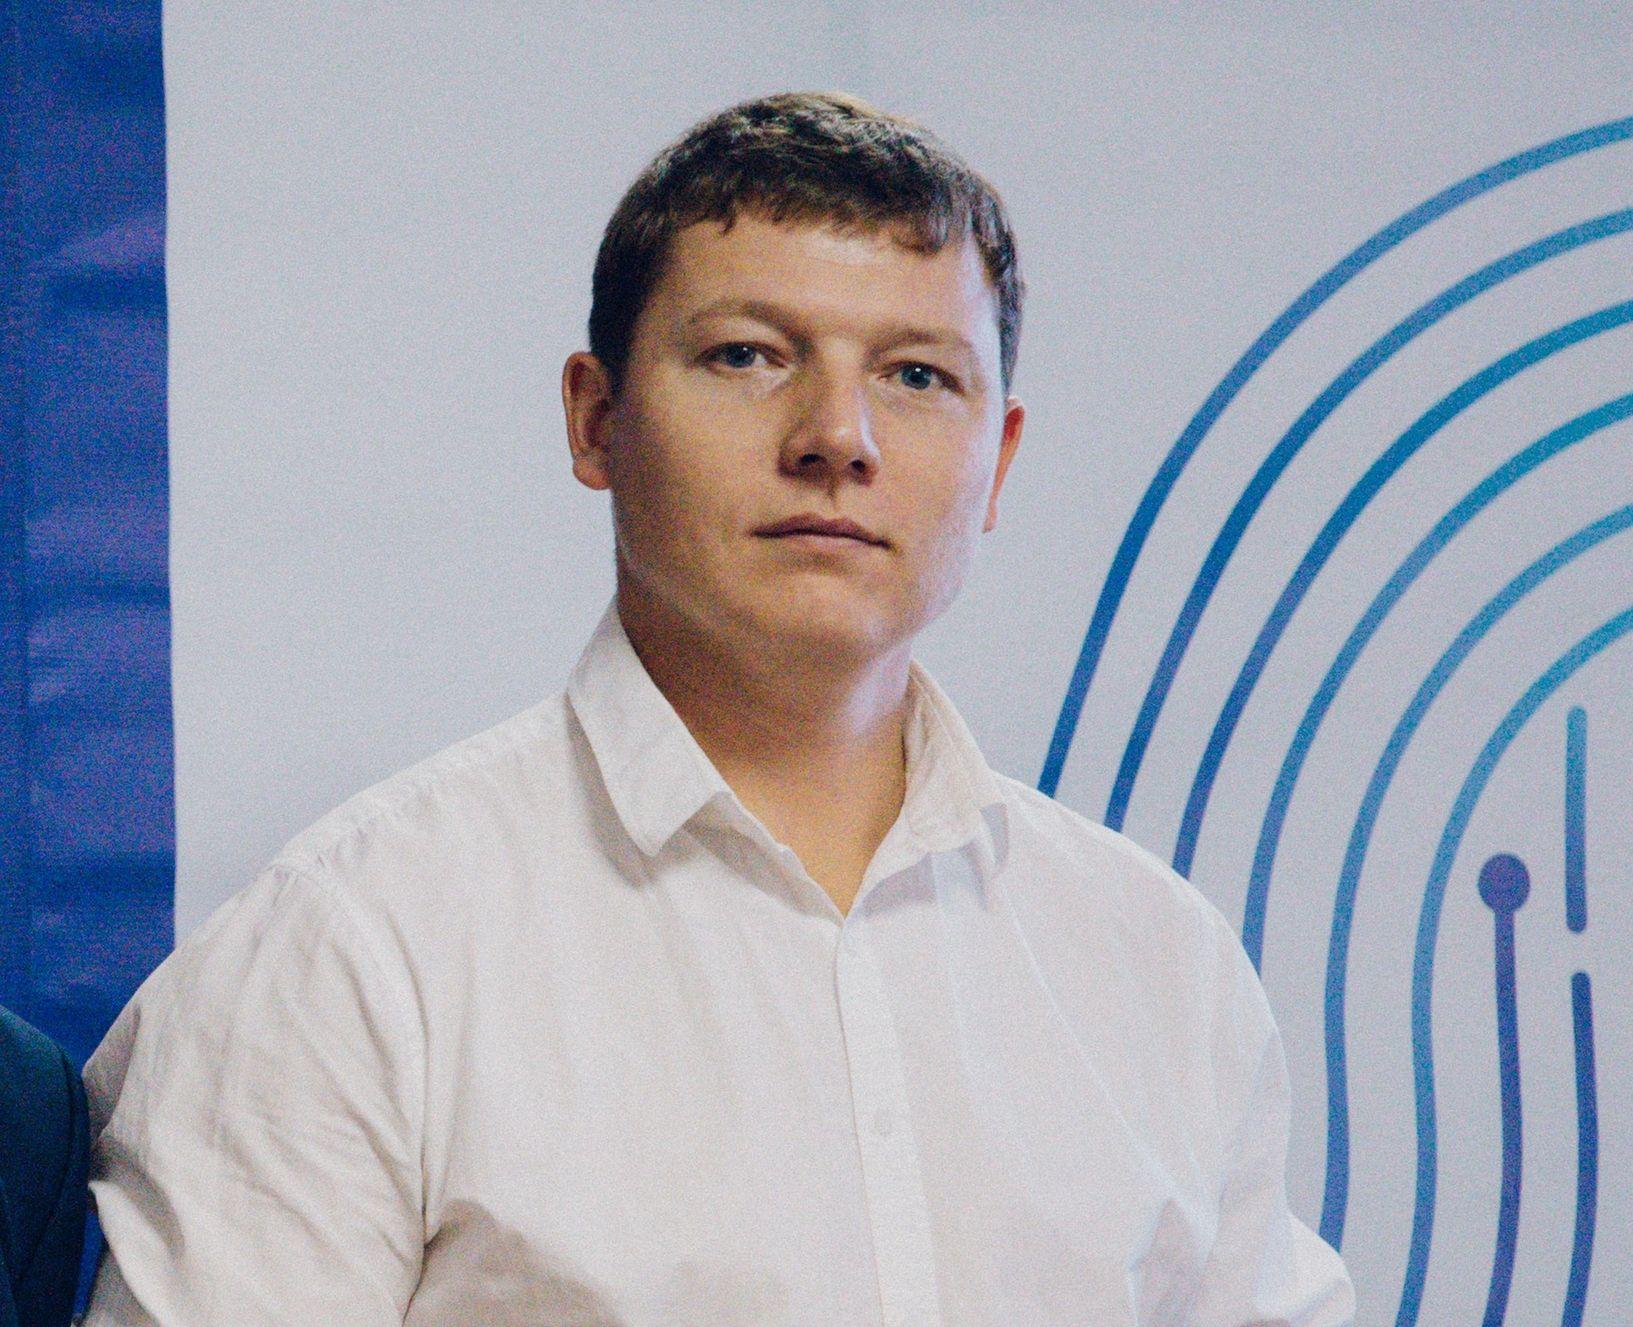 Дмитрий Серов: туристы снова смогут путешествовать по Тверской области